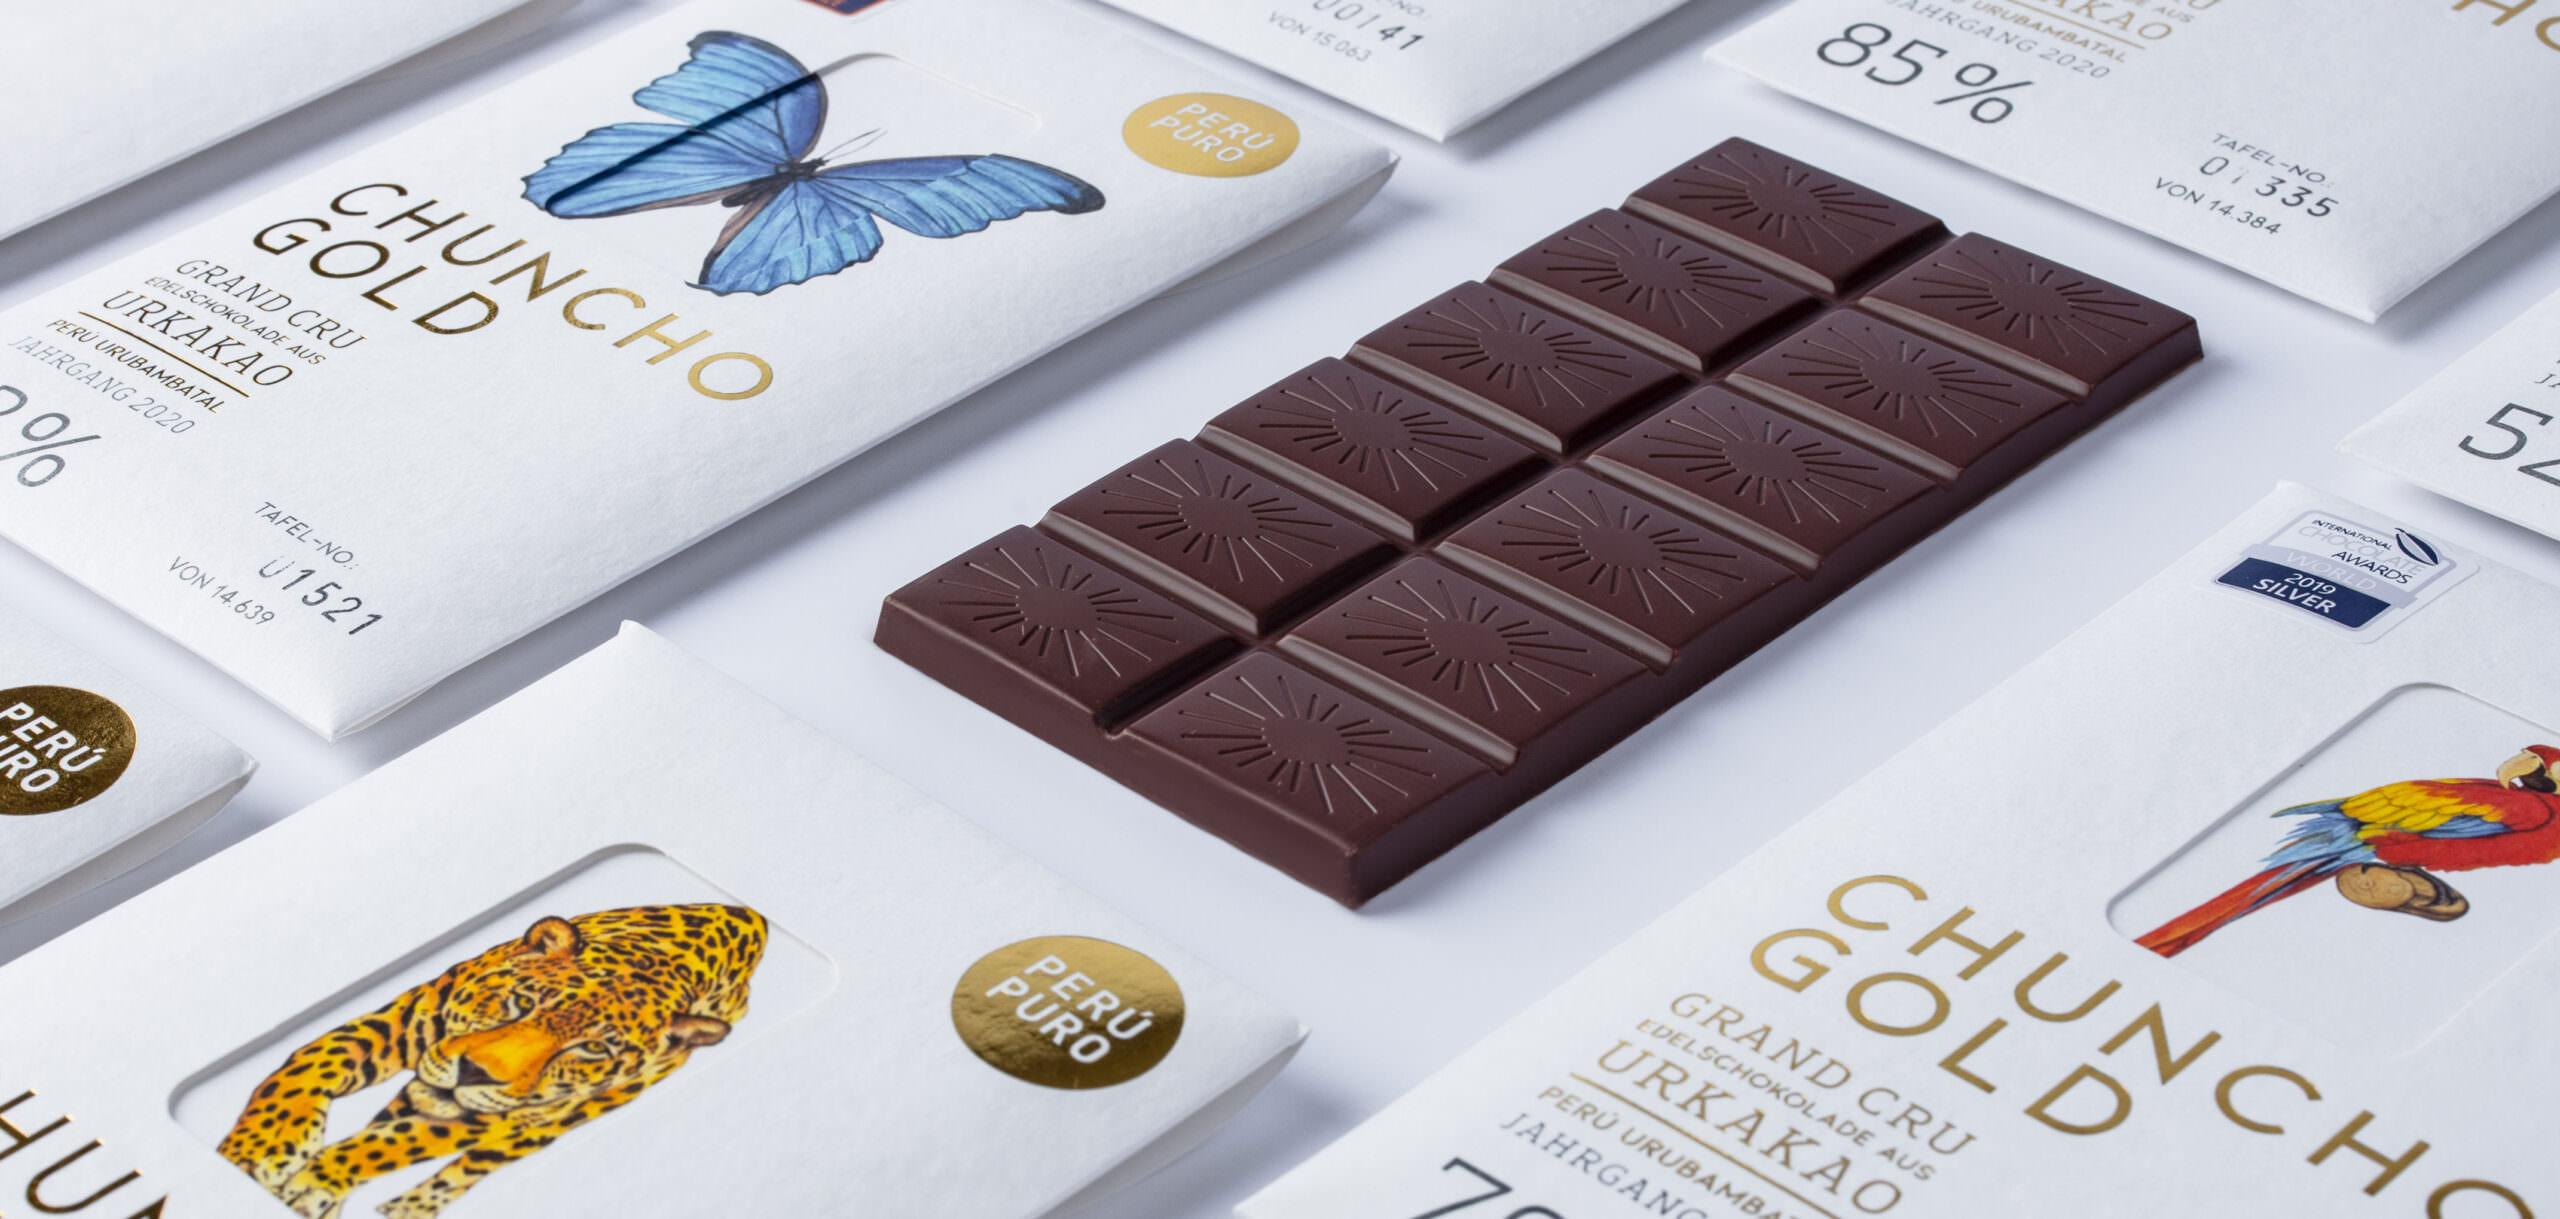 Schokolade Werbefotografie